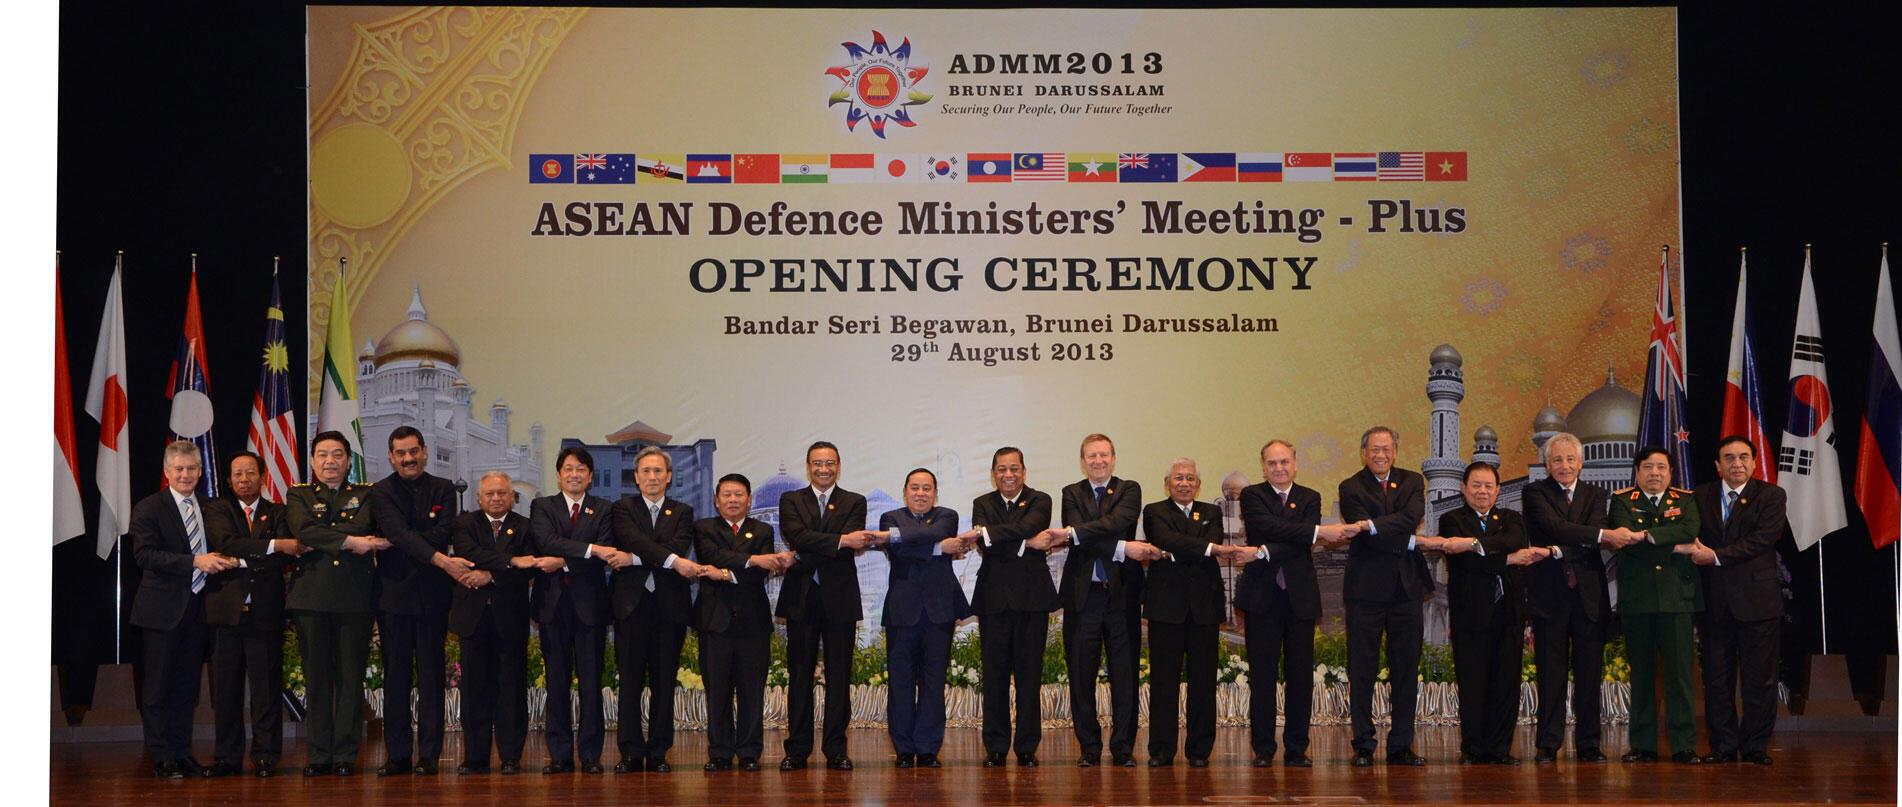 Hội nghị Bộ trưởng Quốc phòng ASEAN ADMM+ tại Brunei. Ảnh chụp ngày 29/08/2013.